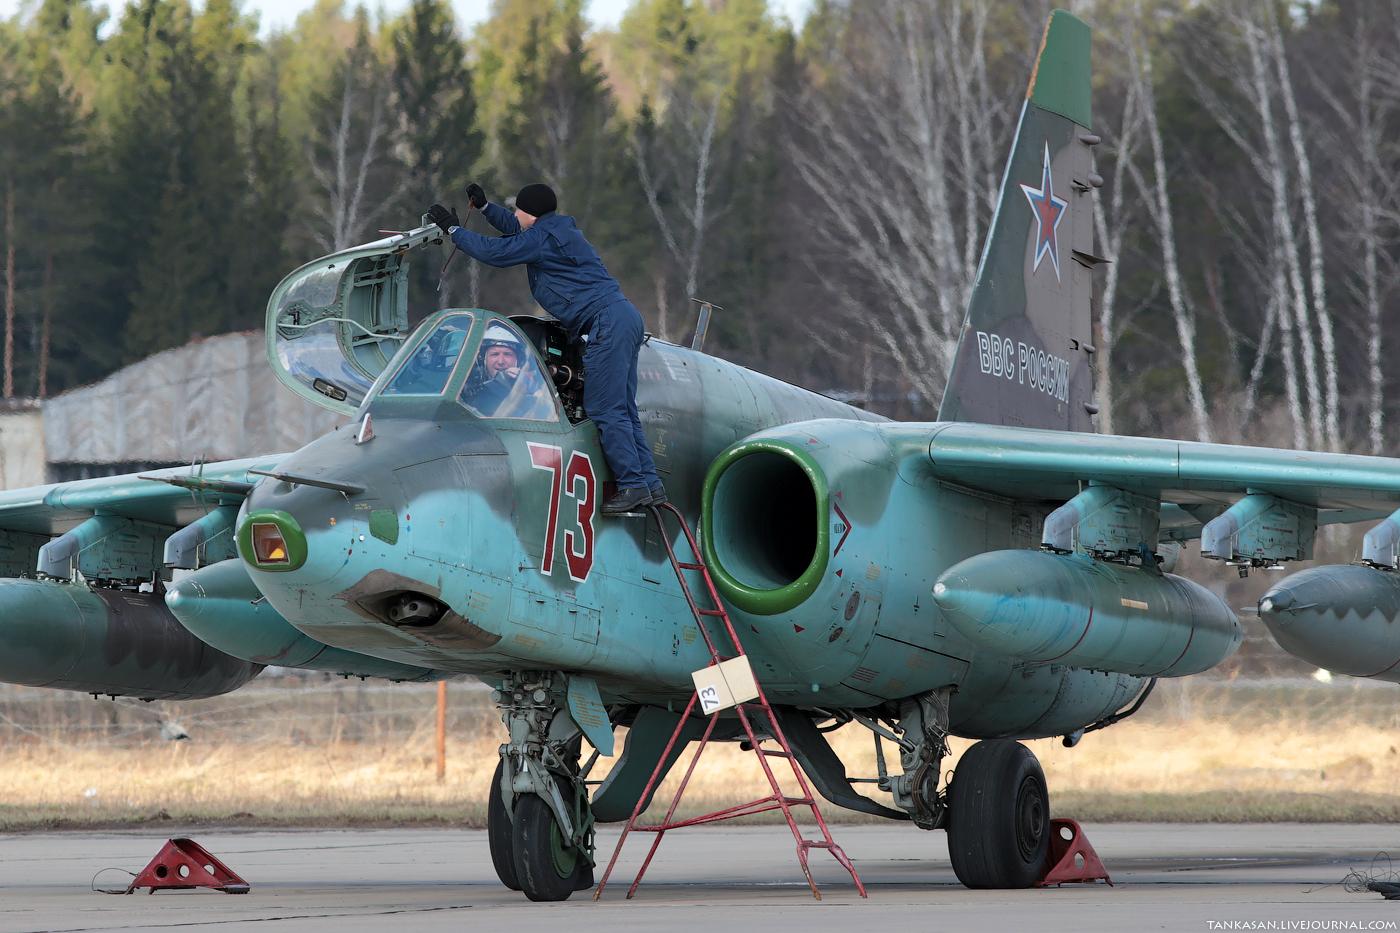 Sukhoi Su-25 Frogfoot - Page 3 0_b8739_c3b7248_orig